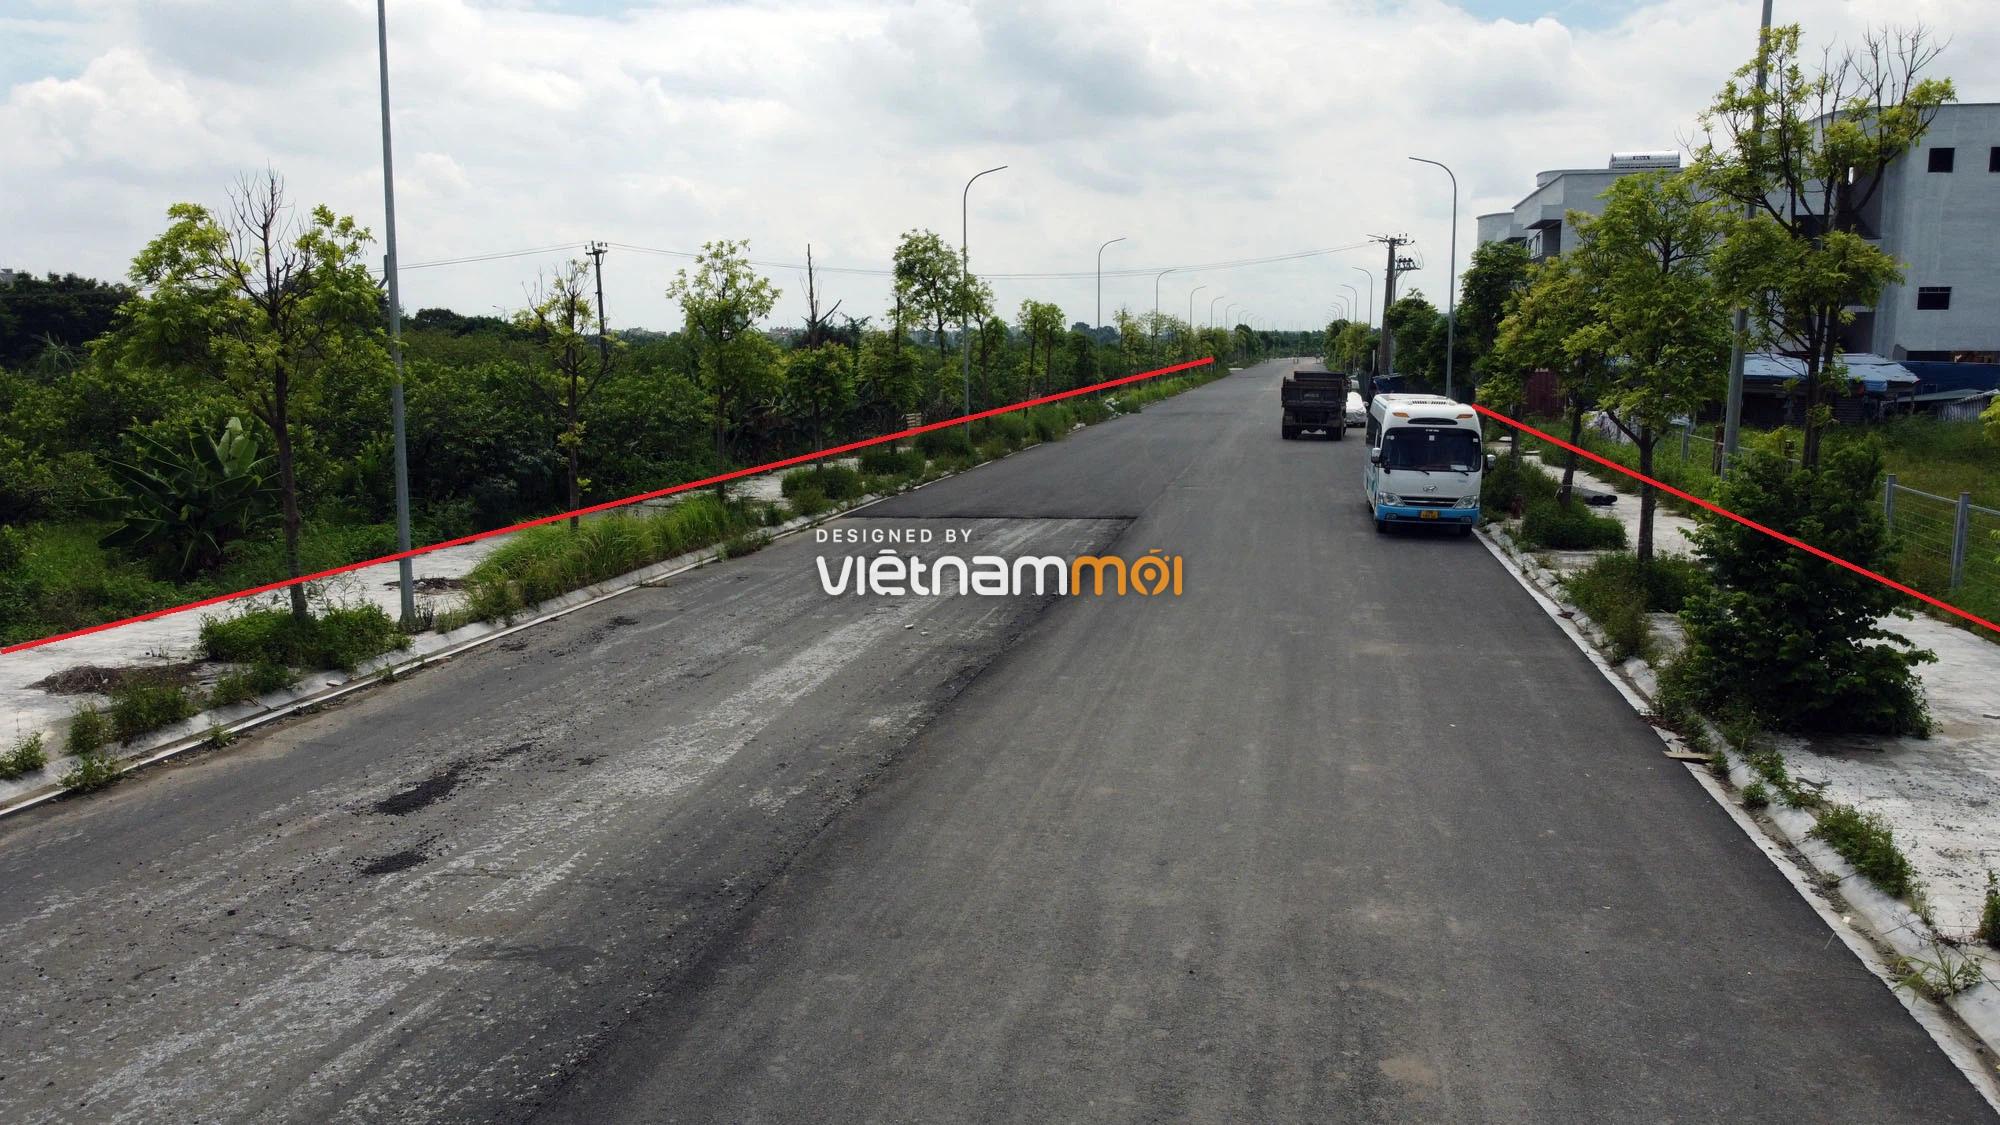 Toàn cảnh đường nối Bát Khối - QL1A đang mở theo quy hoạch ở quận Long Biên, Hà Nội - Ảnh 15.